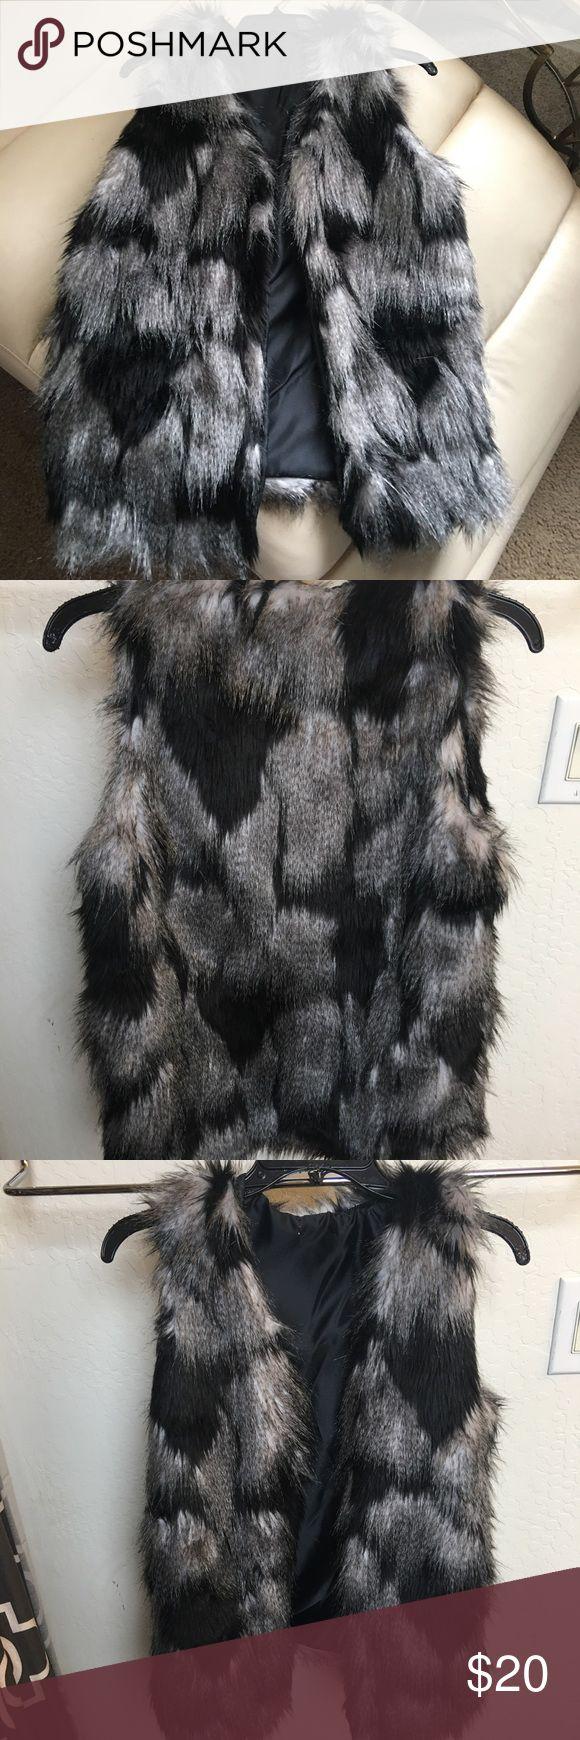 Black and White Faux Fur Vest Beautiful faux fur vest. Black and white. 52% acrylic, 48% polyester. Lining 100% polyester. Jackets & Coats Vests